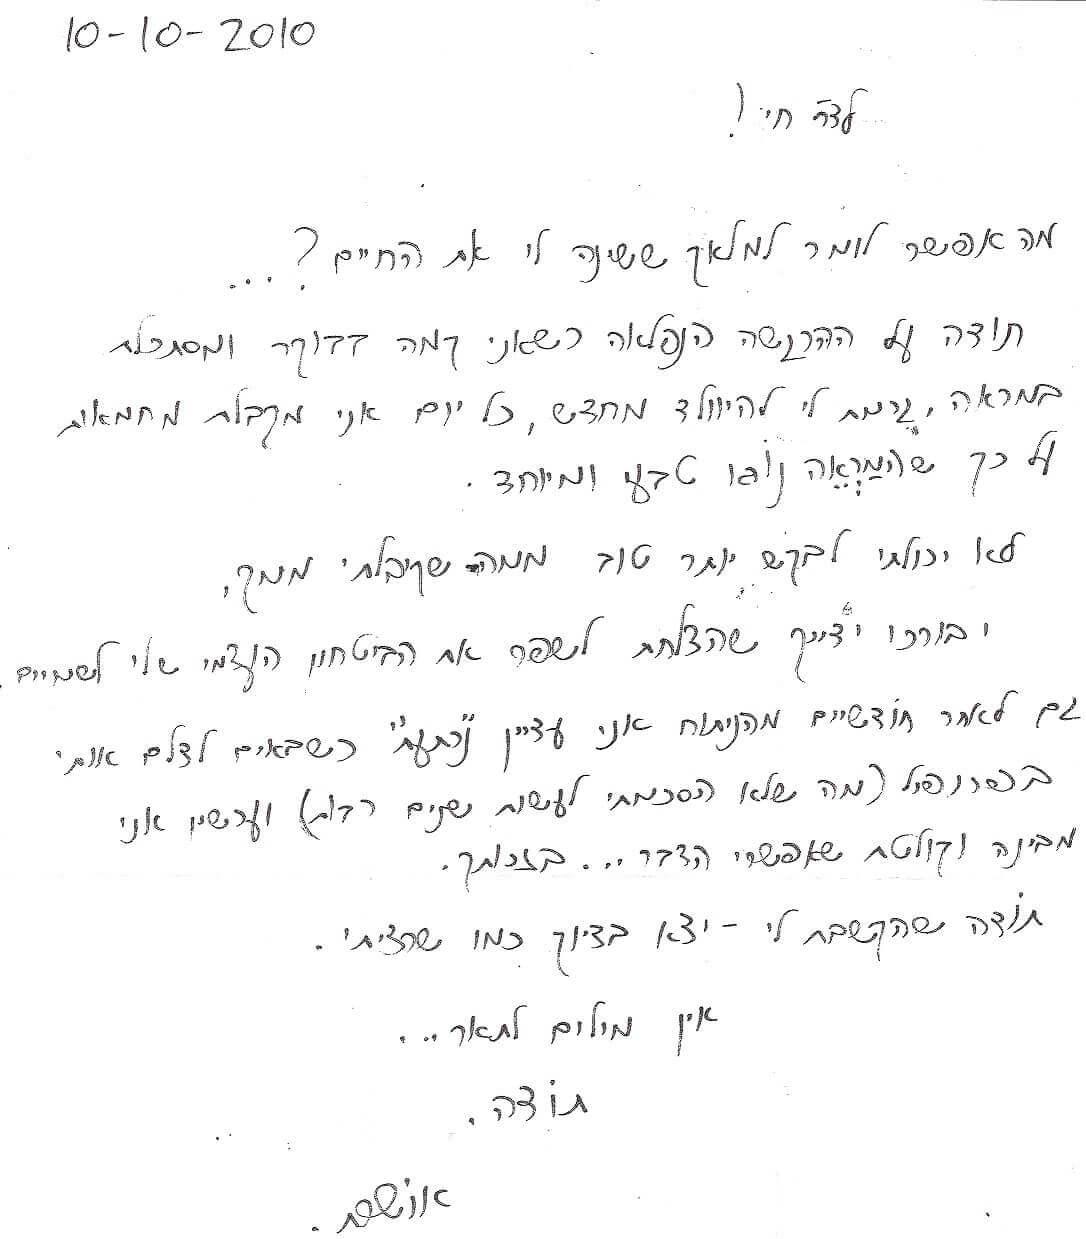 מכתב תודה מאושרת